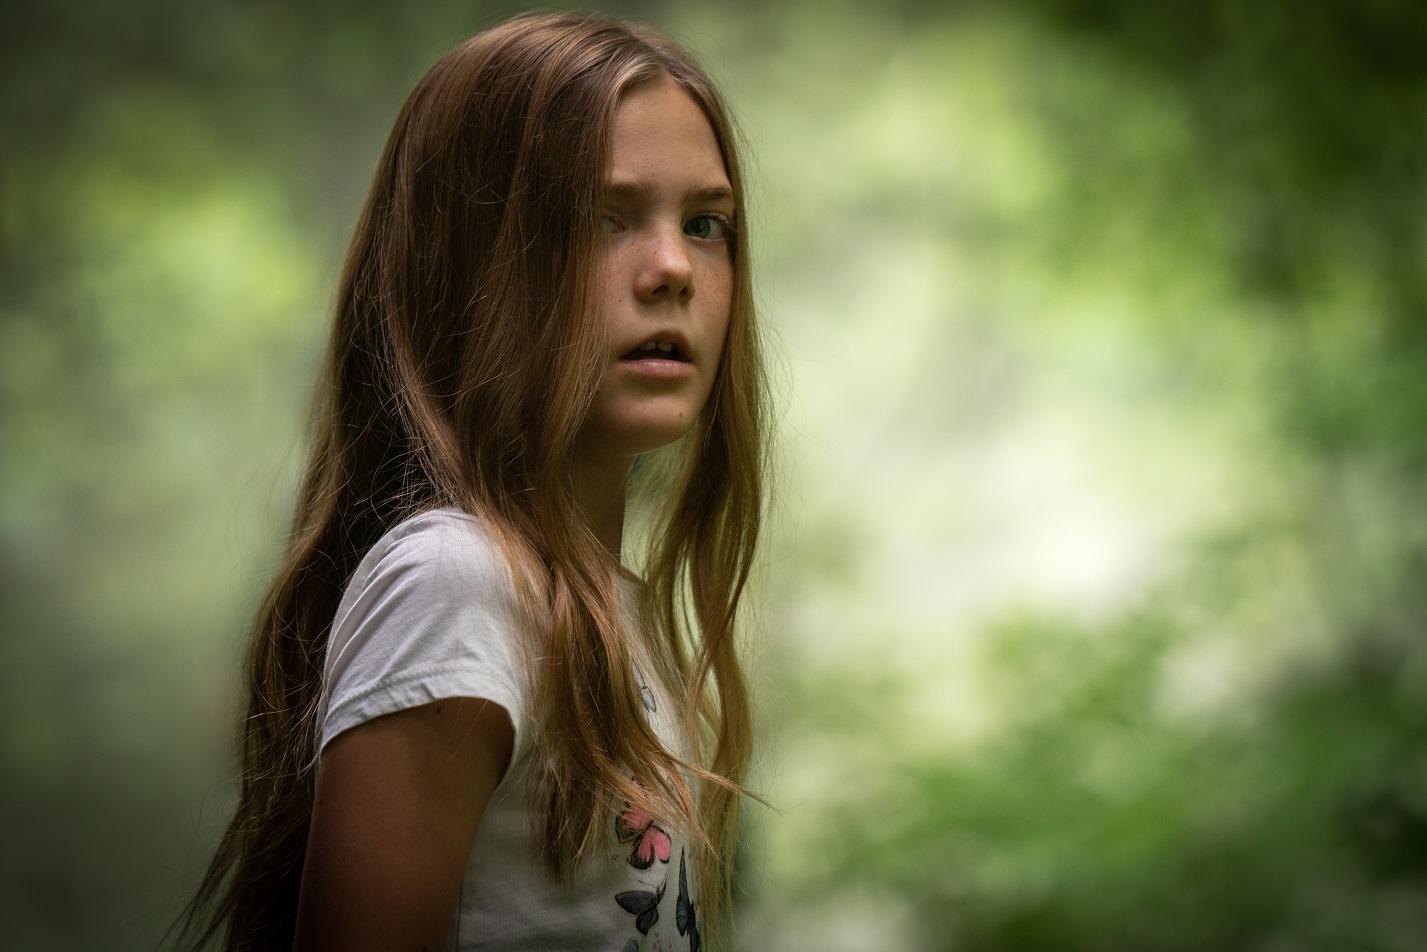 Nova cena de Cemitério Maldito revela reencontro assustador entre mãe e filha